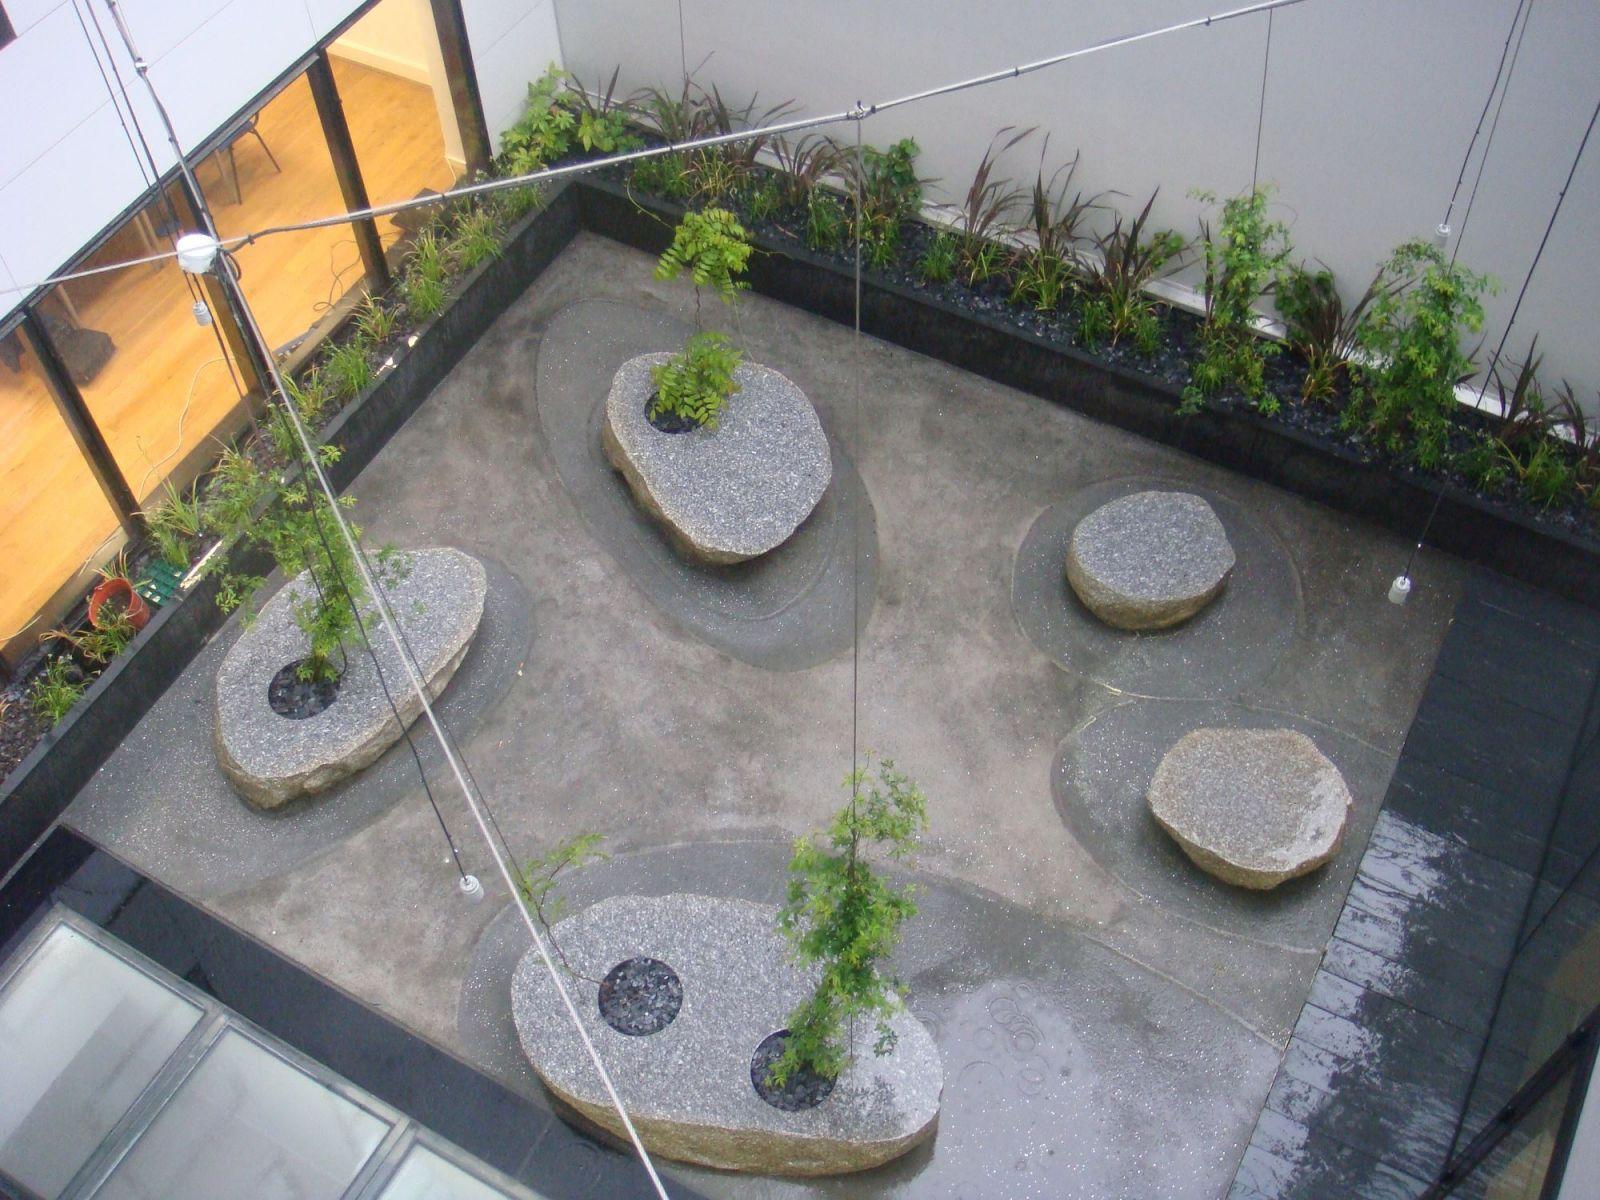 Cr ation de jardins sur terrasse par un paysagiste for Creation paysagiste